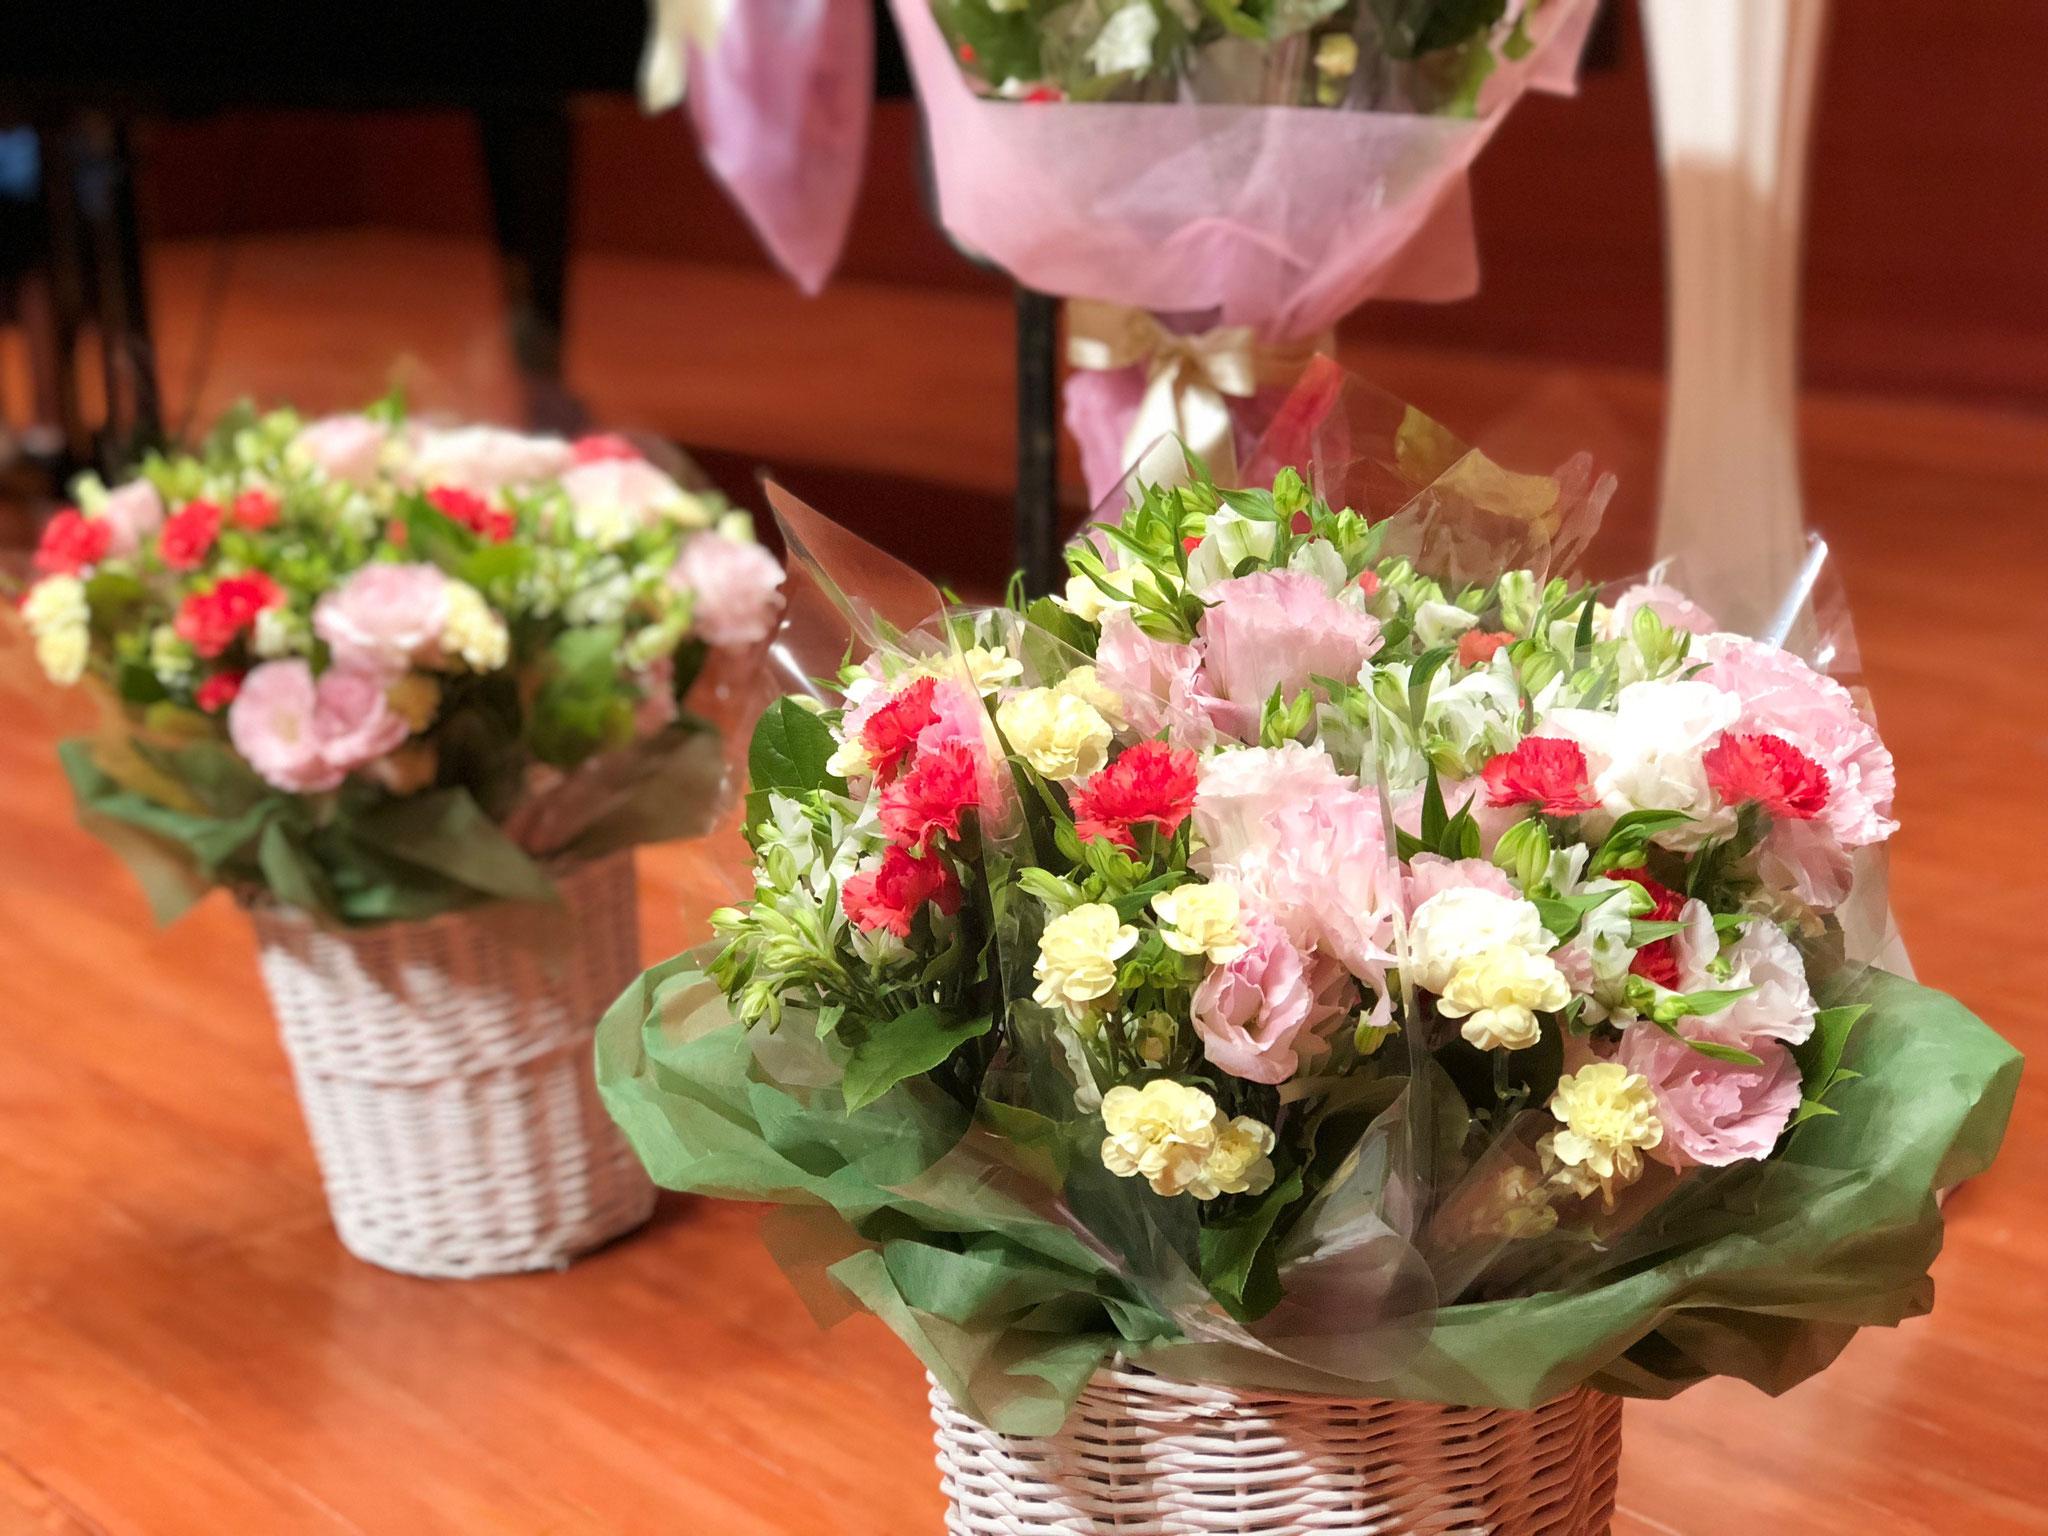 生徒様のお父様より、今回もプレゼント用のお花を手がけていただきました。